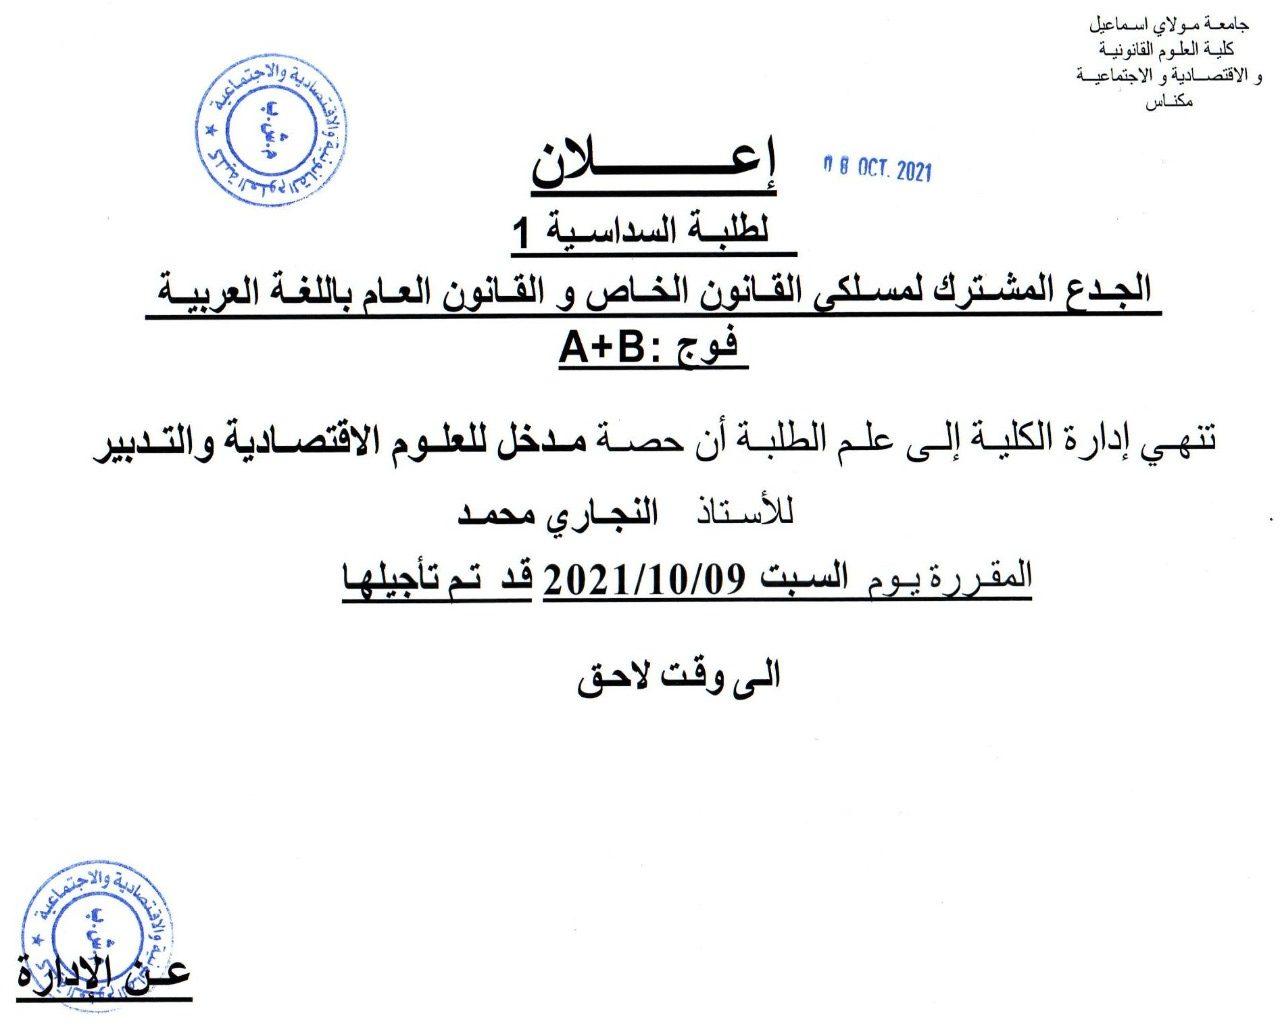 A + B  إعلان لطلبة السداسية الأولى قانون  باللغة العربية : الفوجين